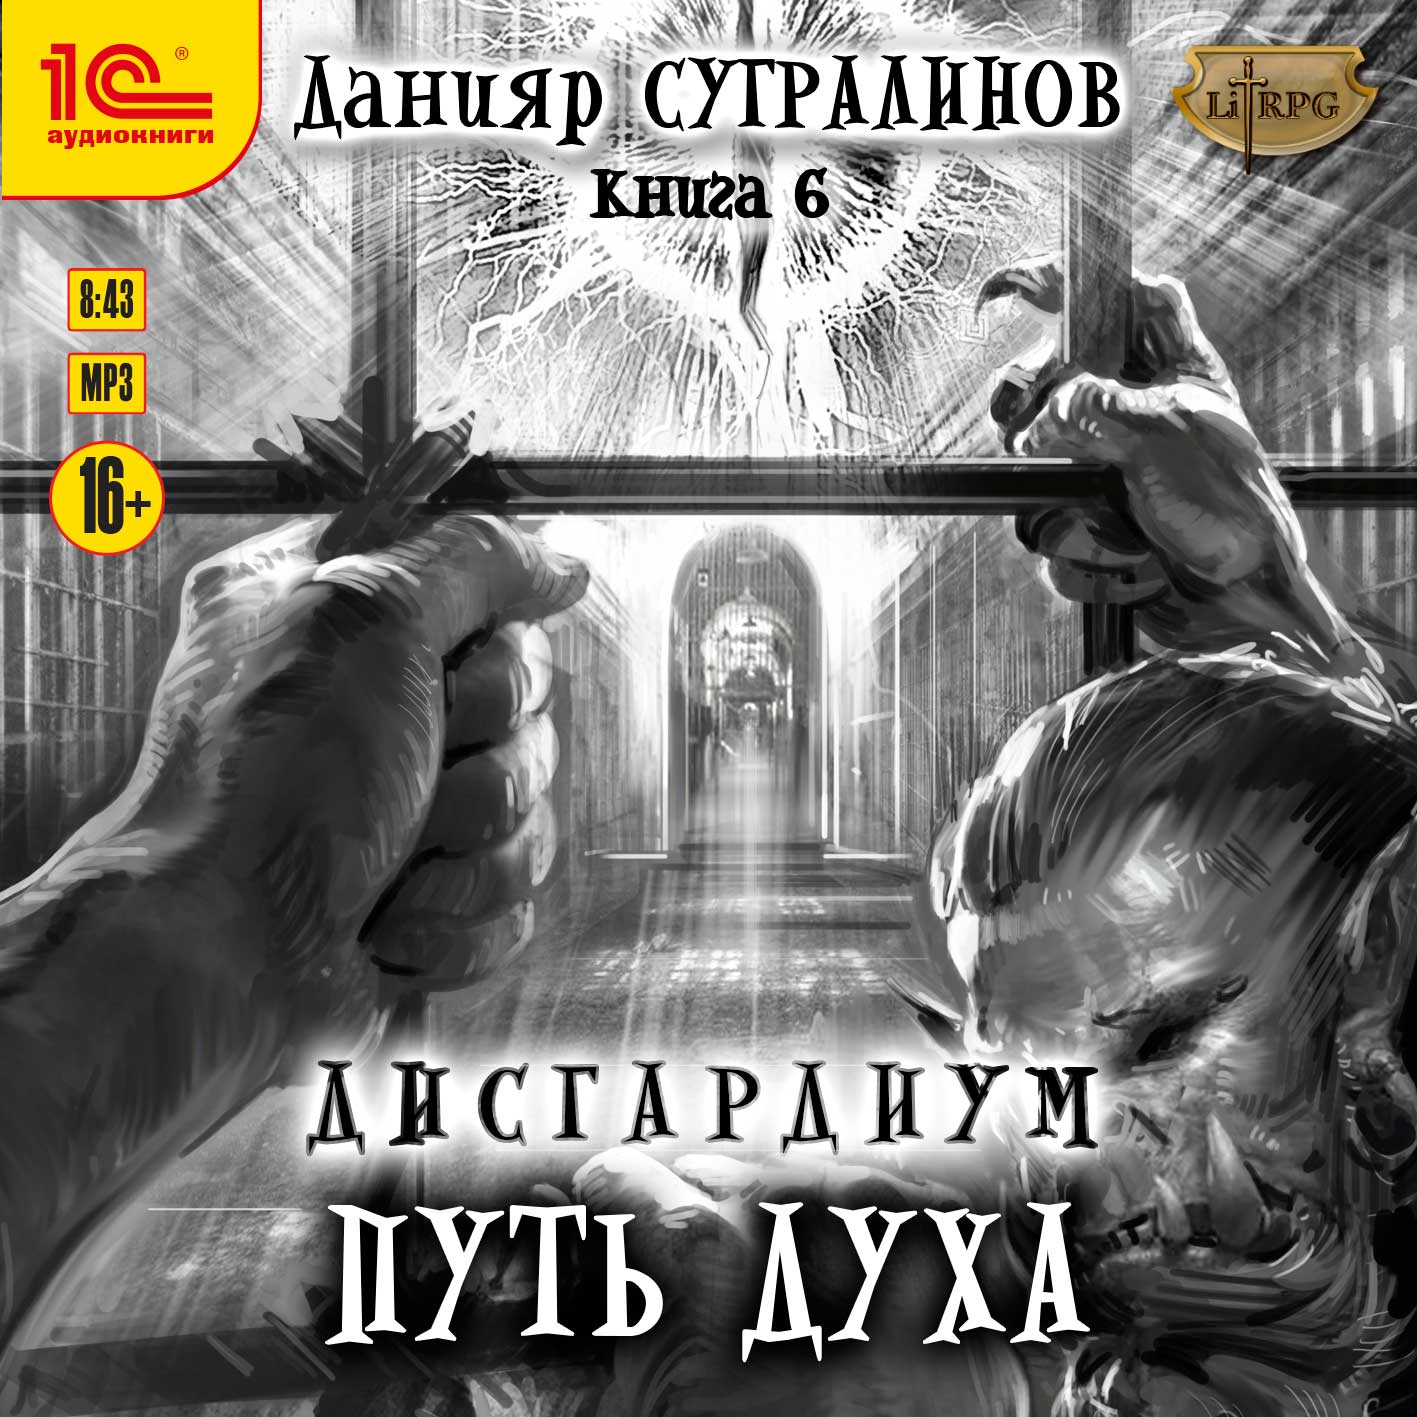 Данияр Сугралинов Дисгардиум: Путь духа (цифровая версия) (Цифровая версия)